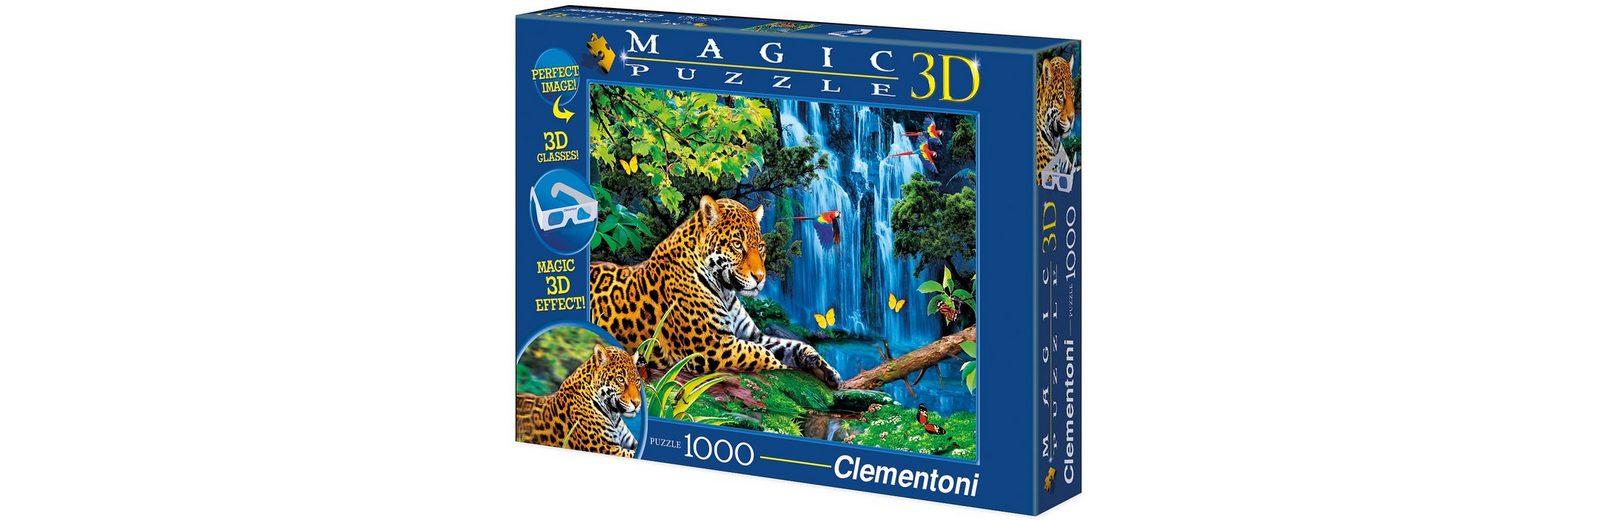 Clementoni Puzzle 1000 Teile, »Magic Puzzle 3D - Jaguar im Dschungel«